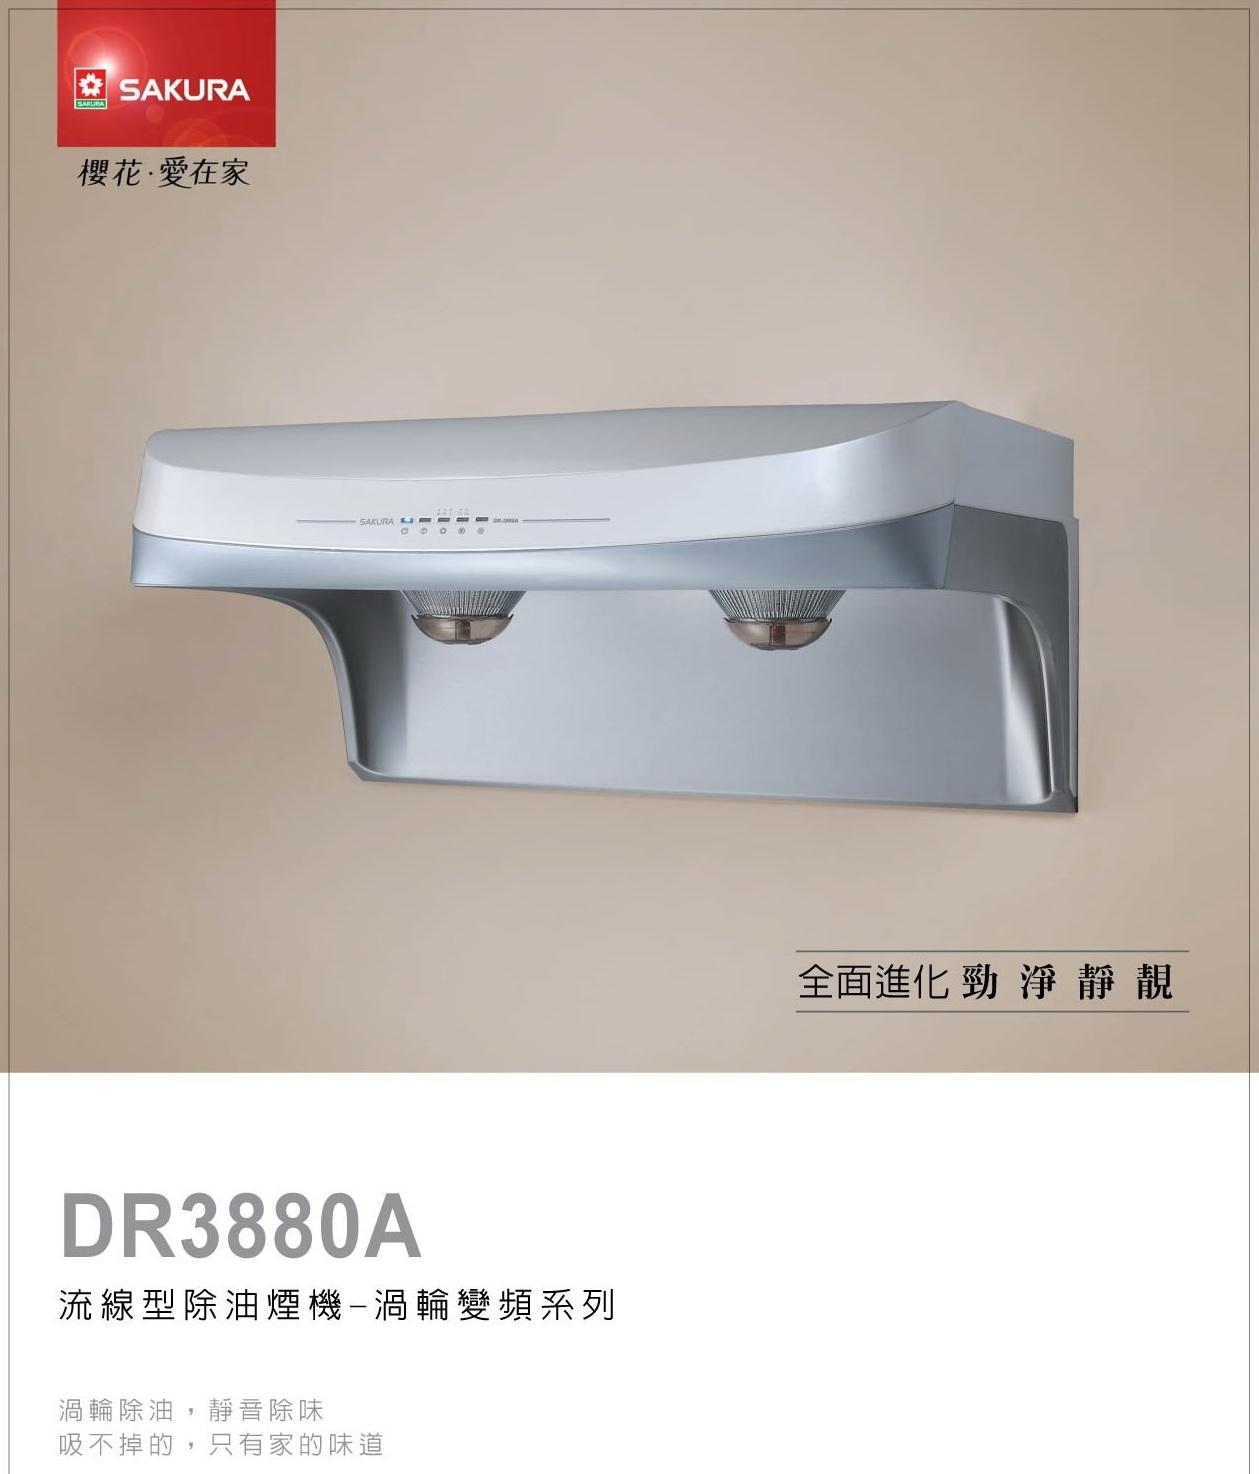 櫻花排油煙機DR3880.jpg